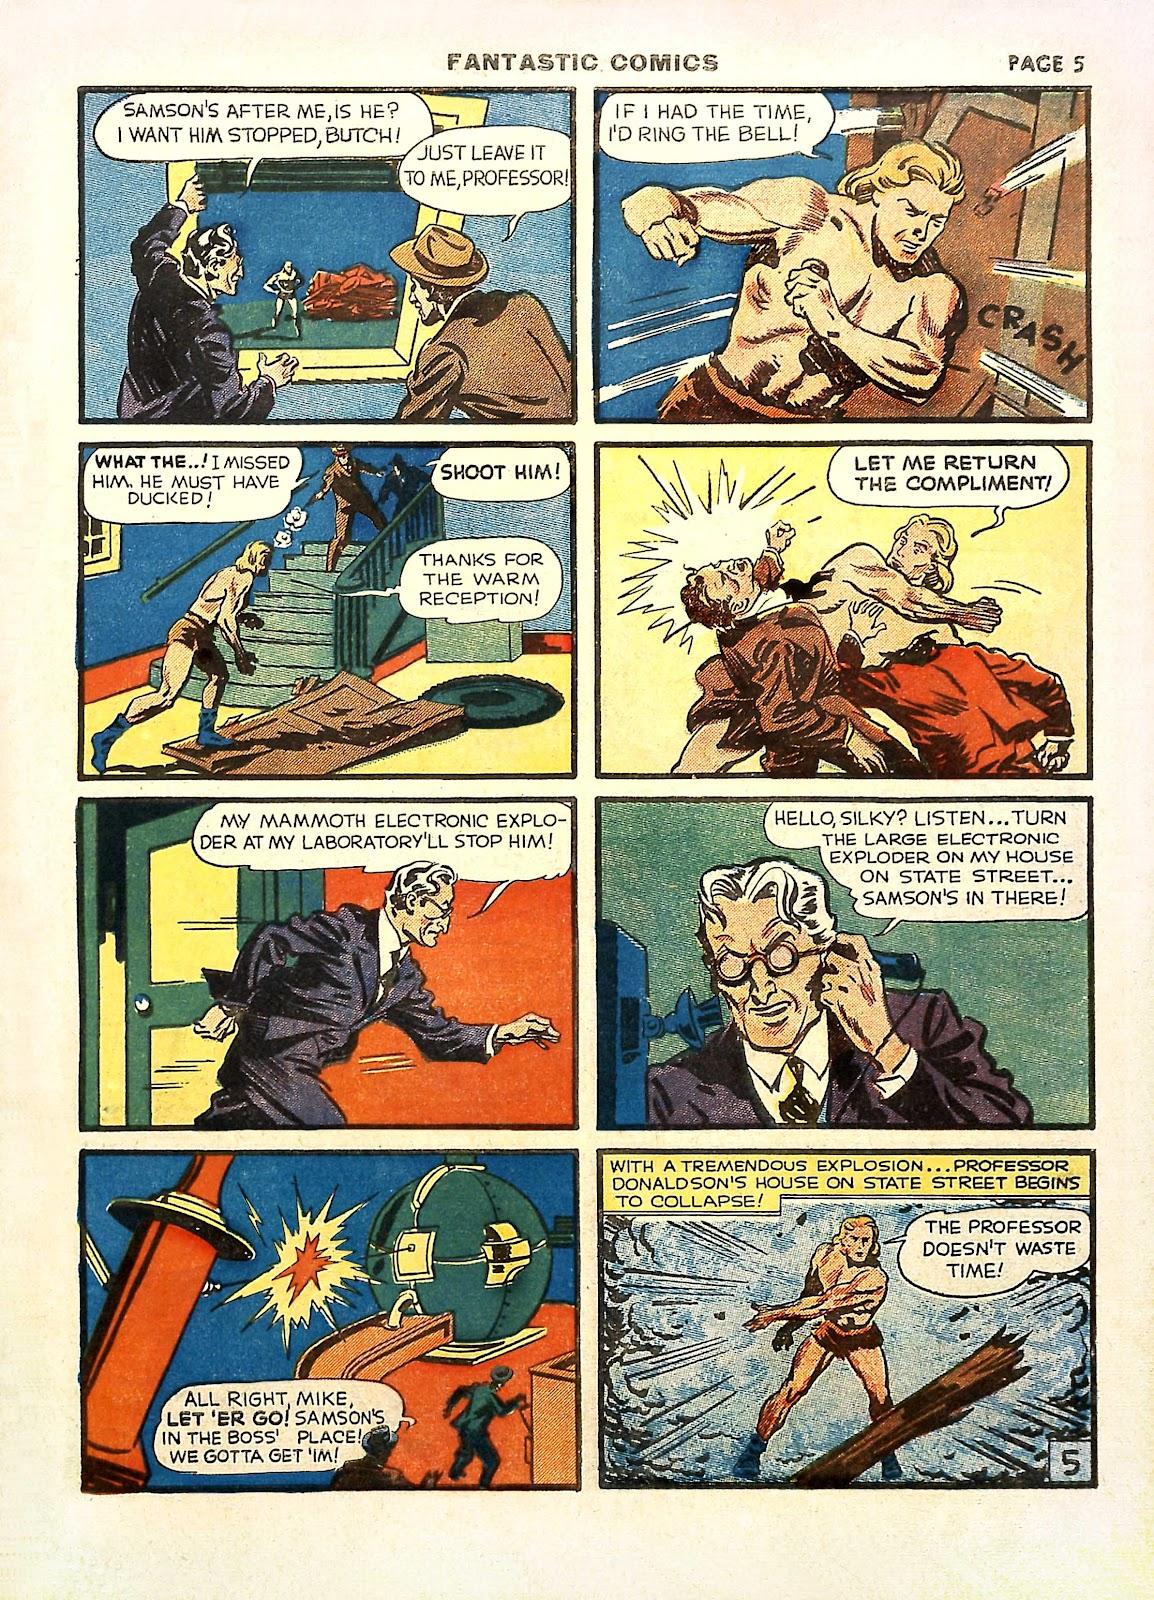 Read online Fantastic Comics comic -  Issue #11 - 8